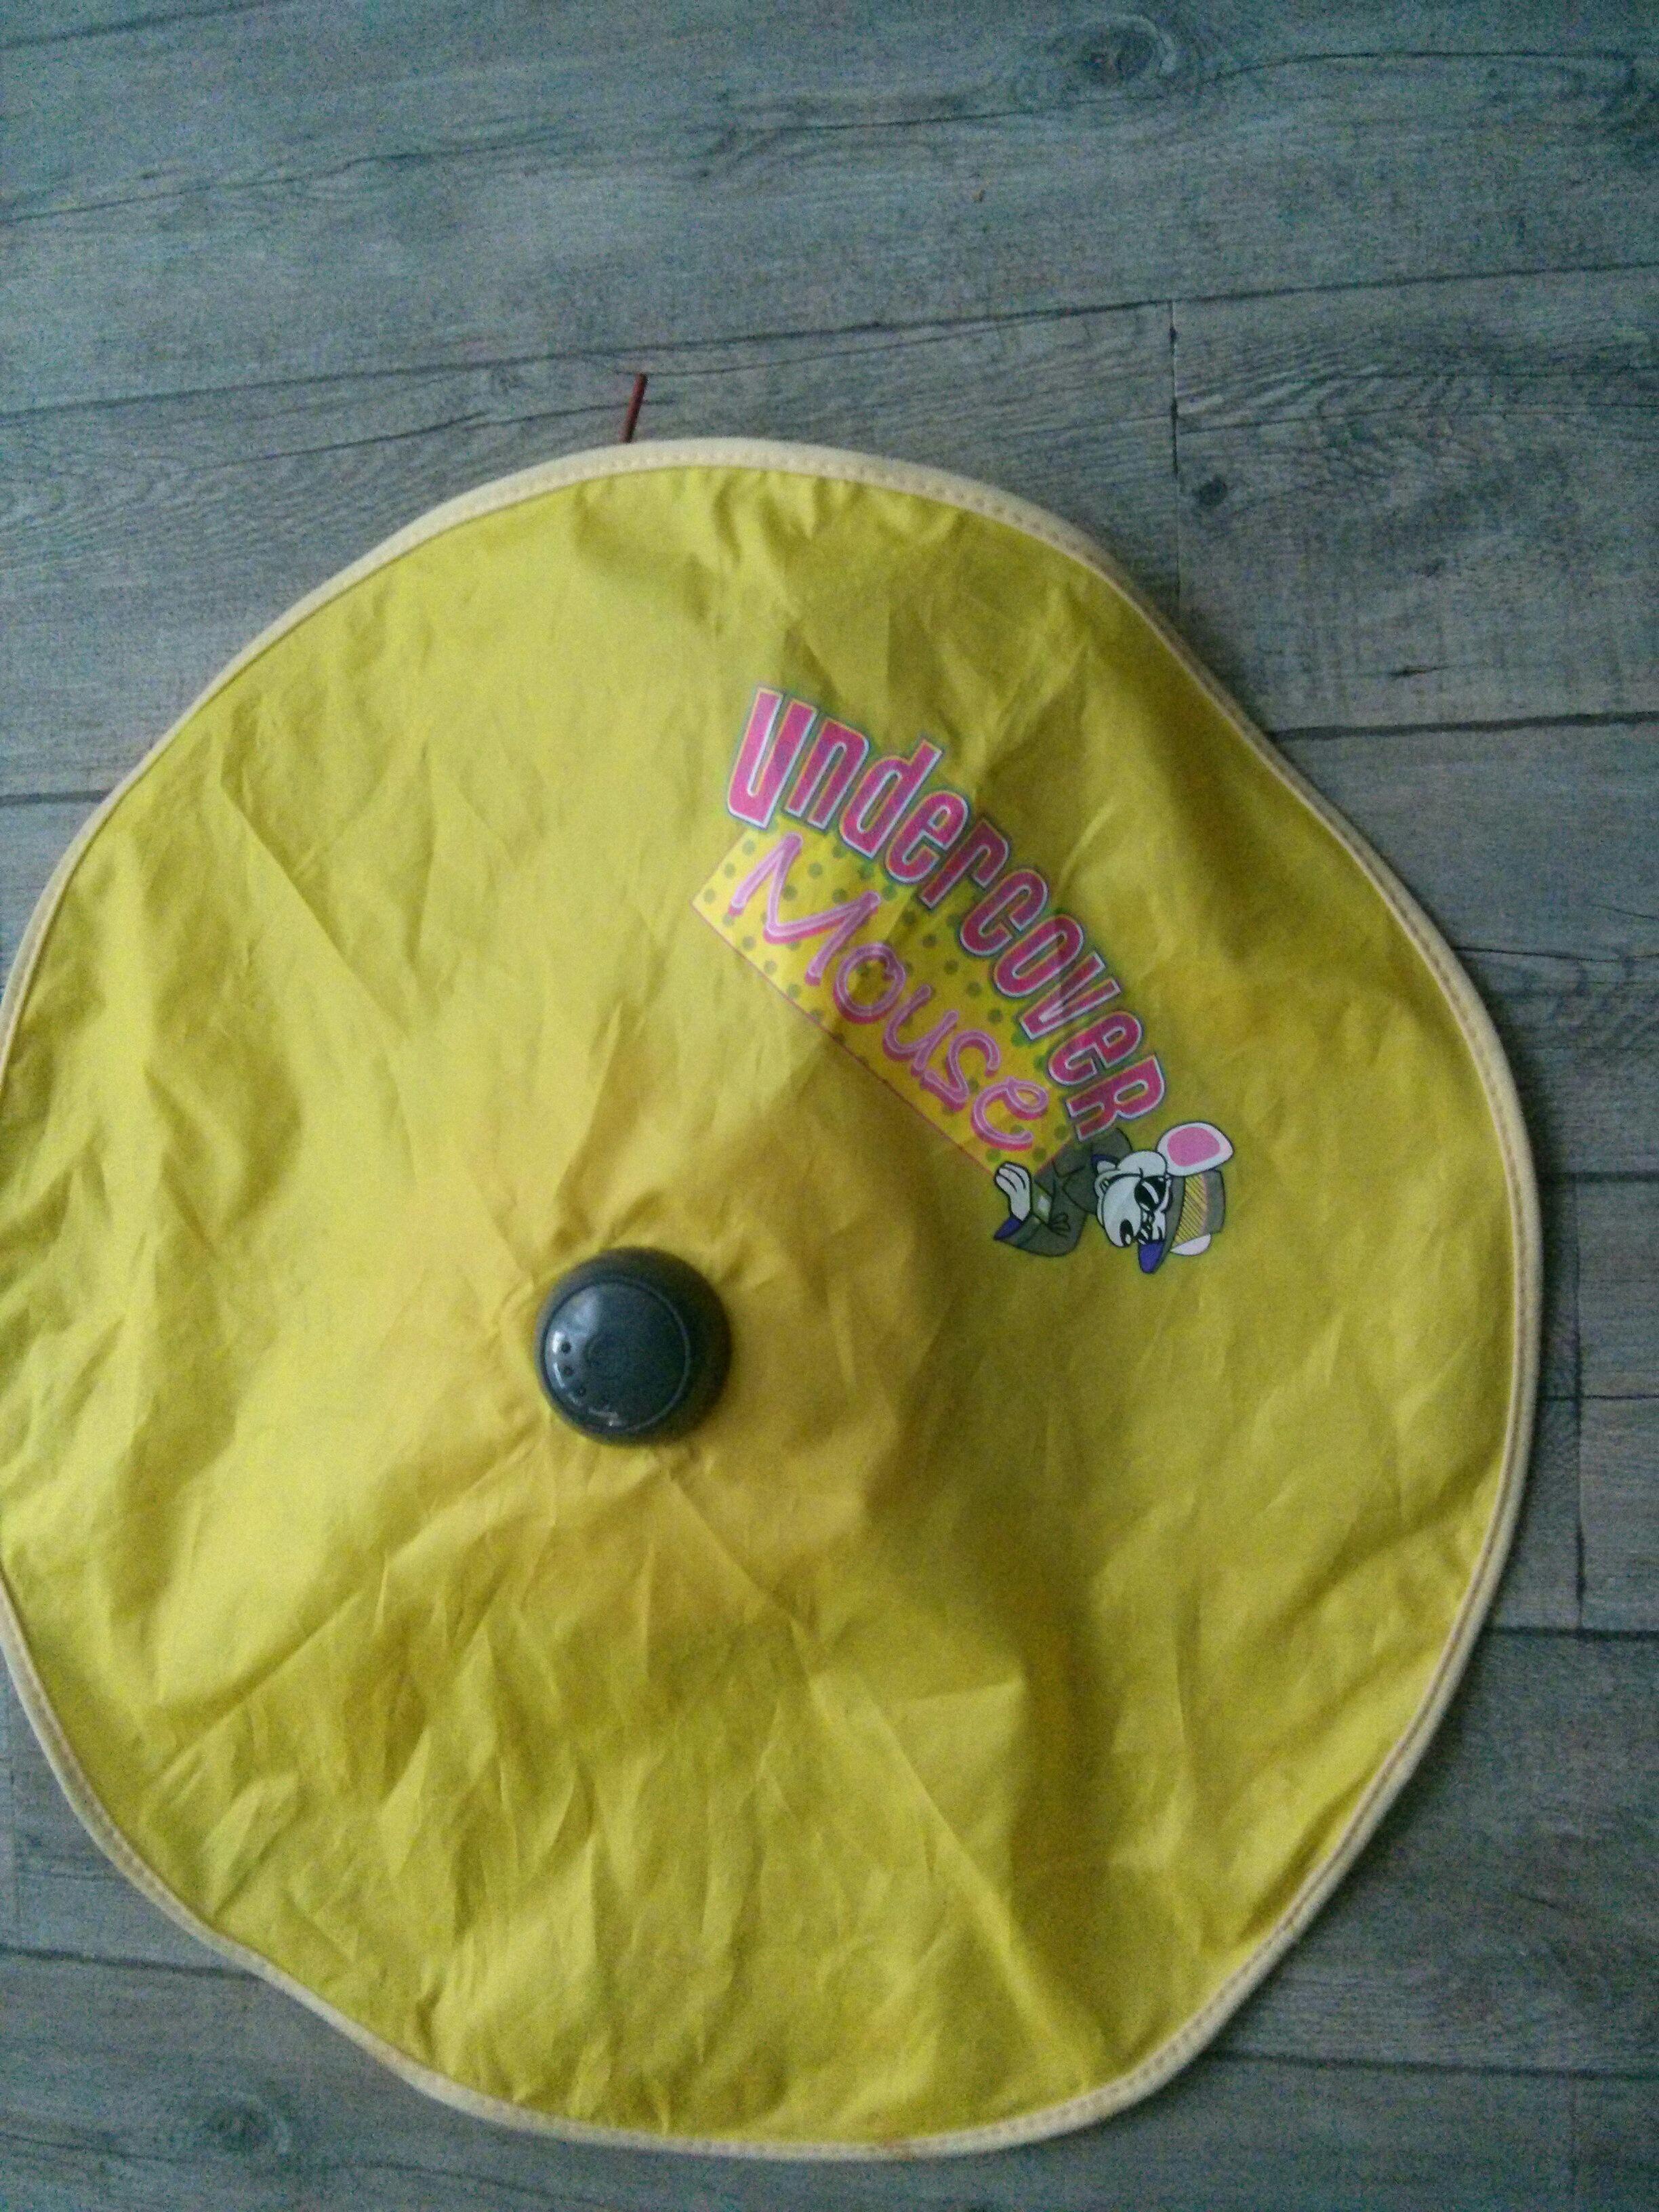 troc de troc jouet chat undercover mouse diamètre 60 cm image 1